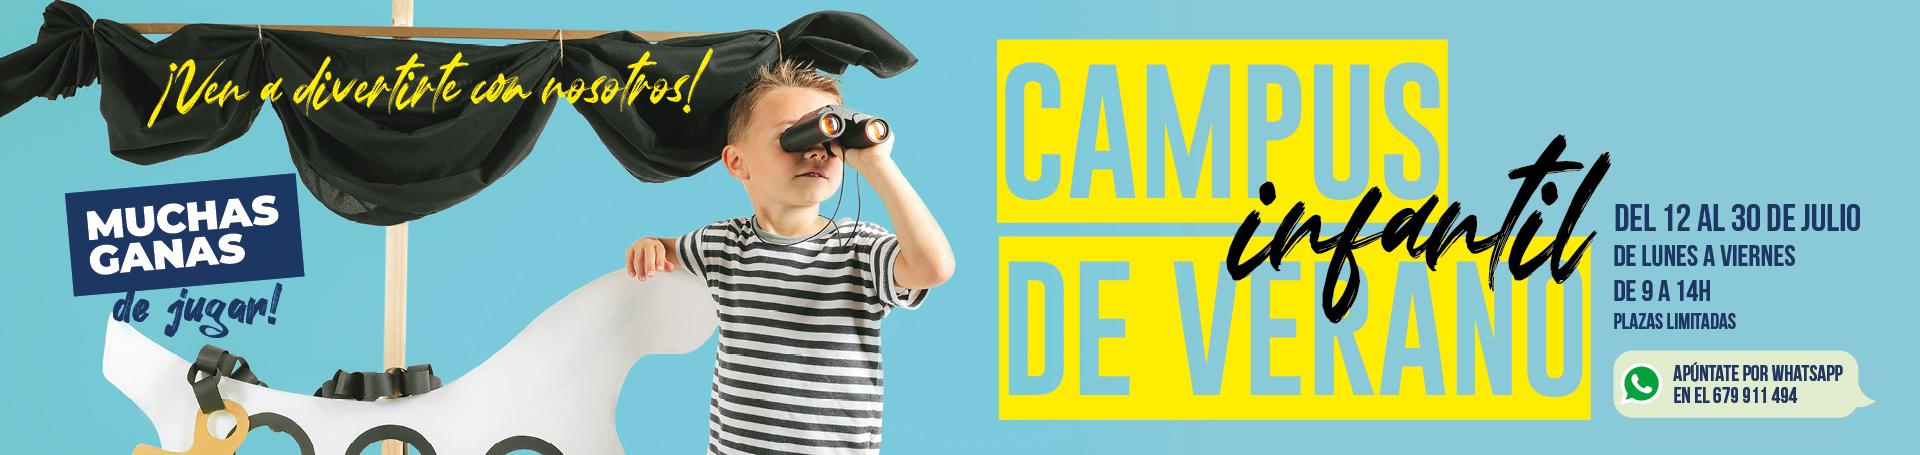 El mirador_campus infantil de verano_banner web